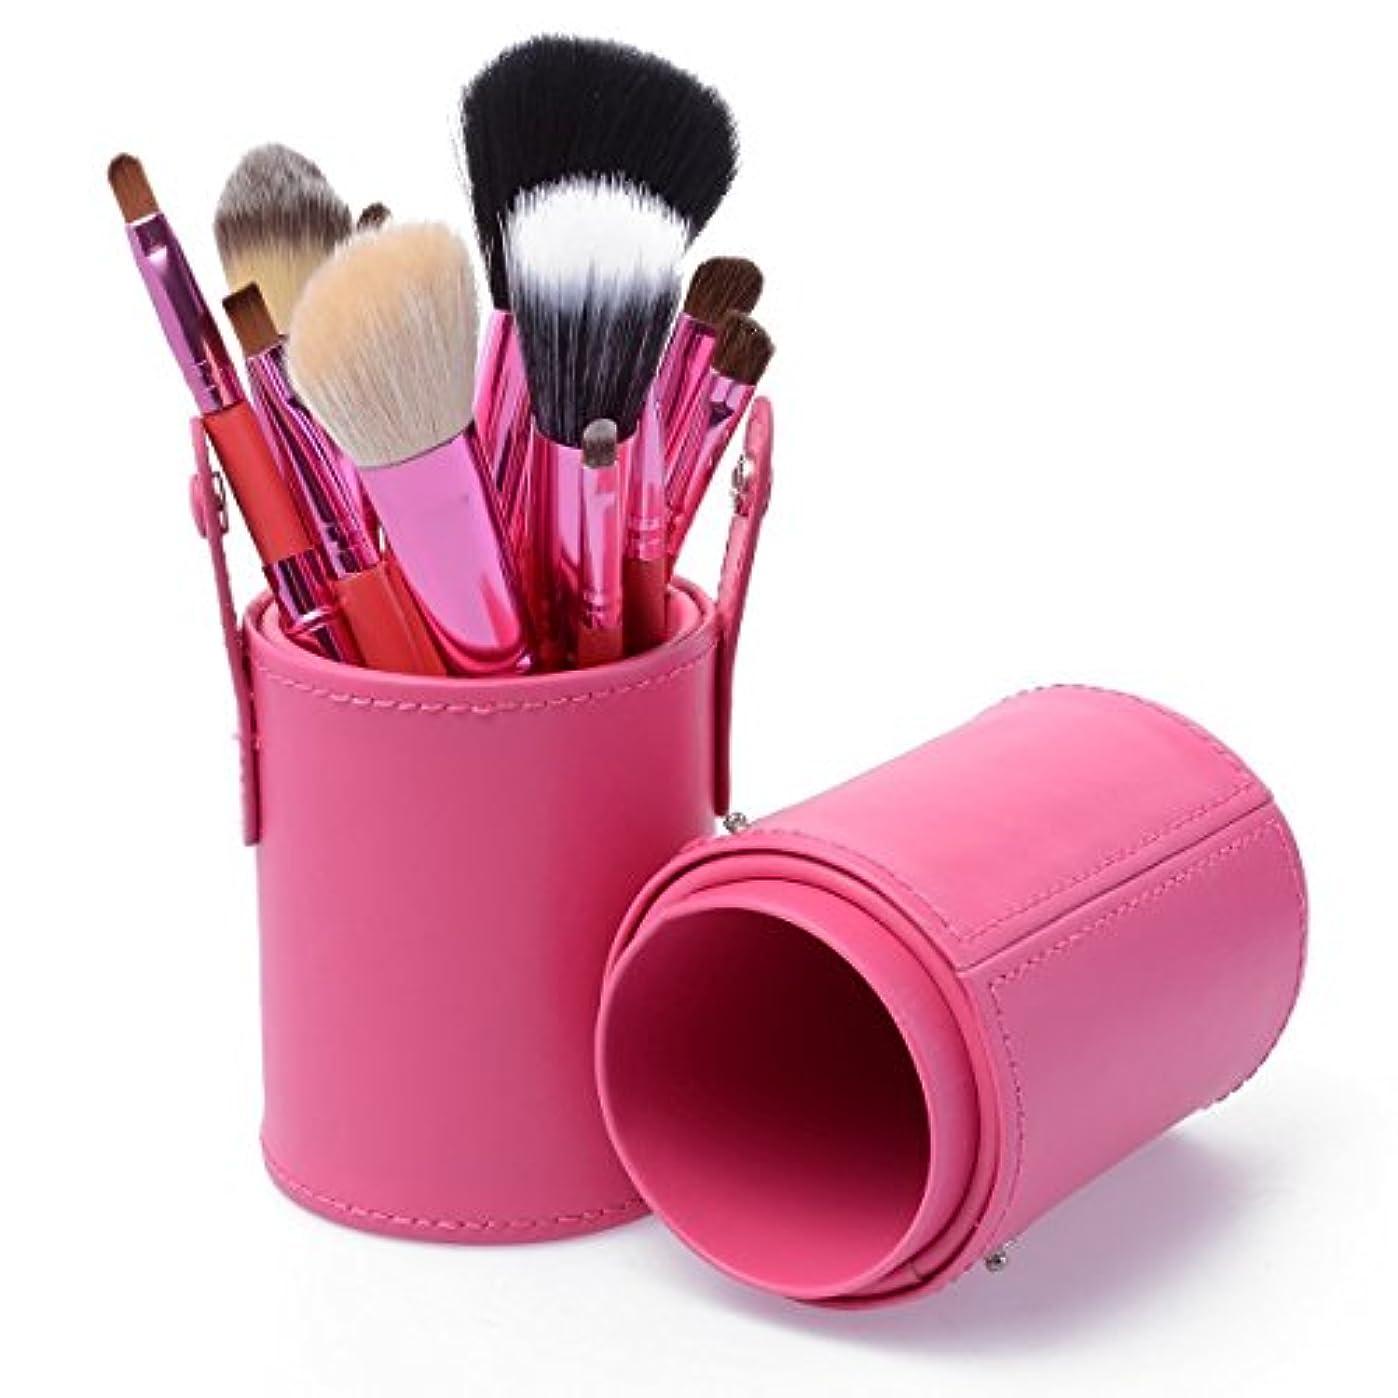 ほこり進捗納屋KanCai メイク ブラシ セット 12本 化粧ブラシ セット コスメ ブラシ 収納ケース付き (ピンク)